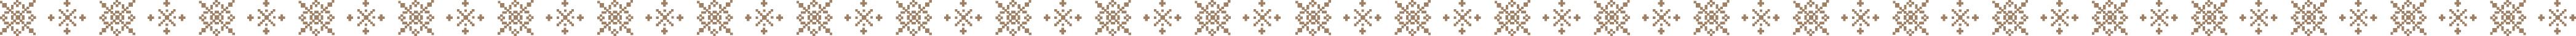 星いっぱいキャビネット_a0153080_15545322.jpg